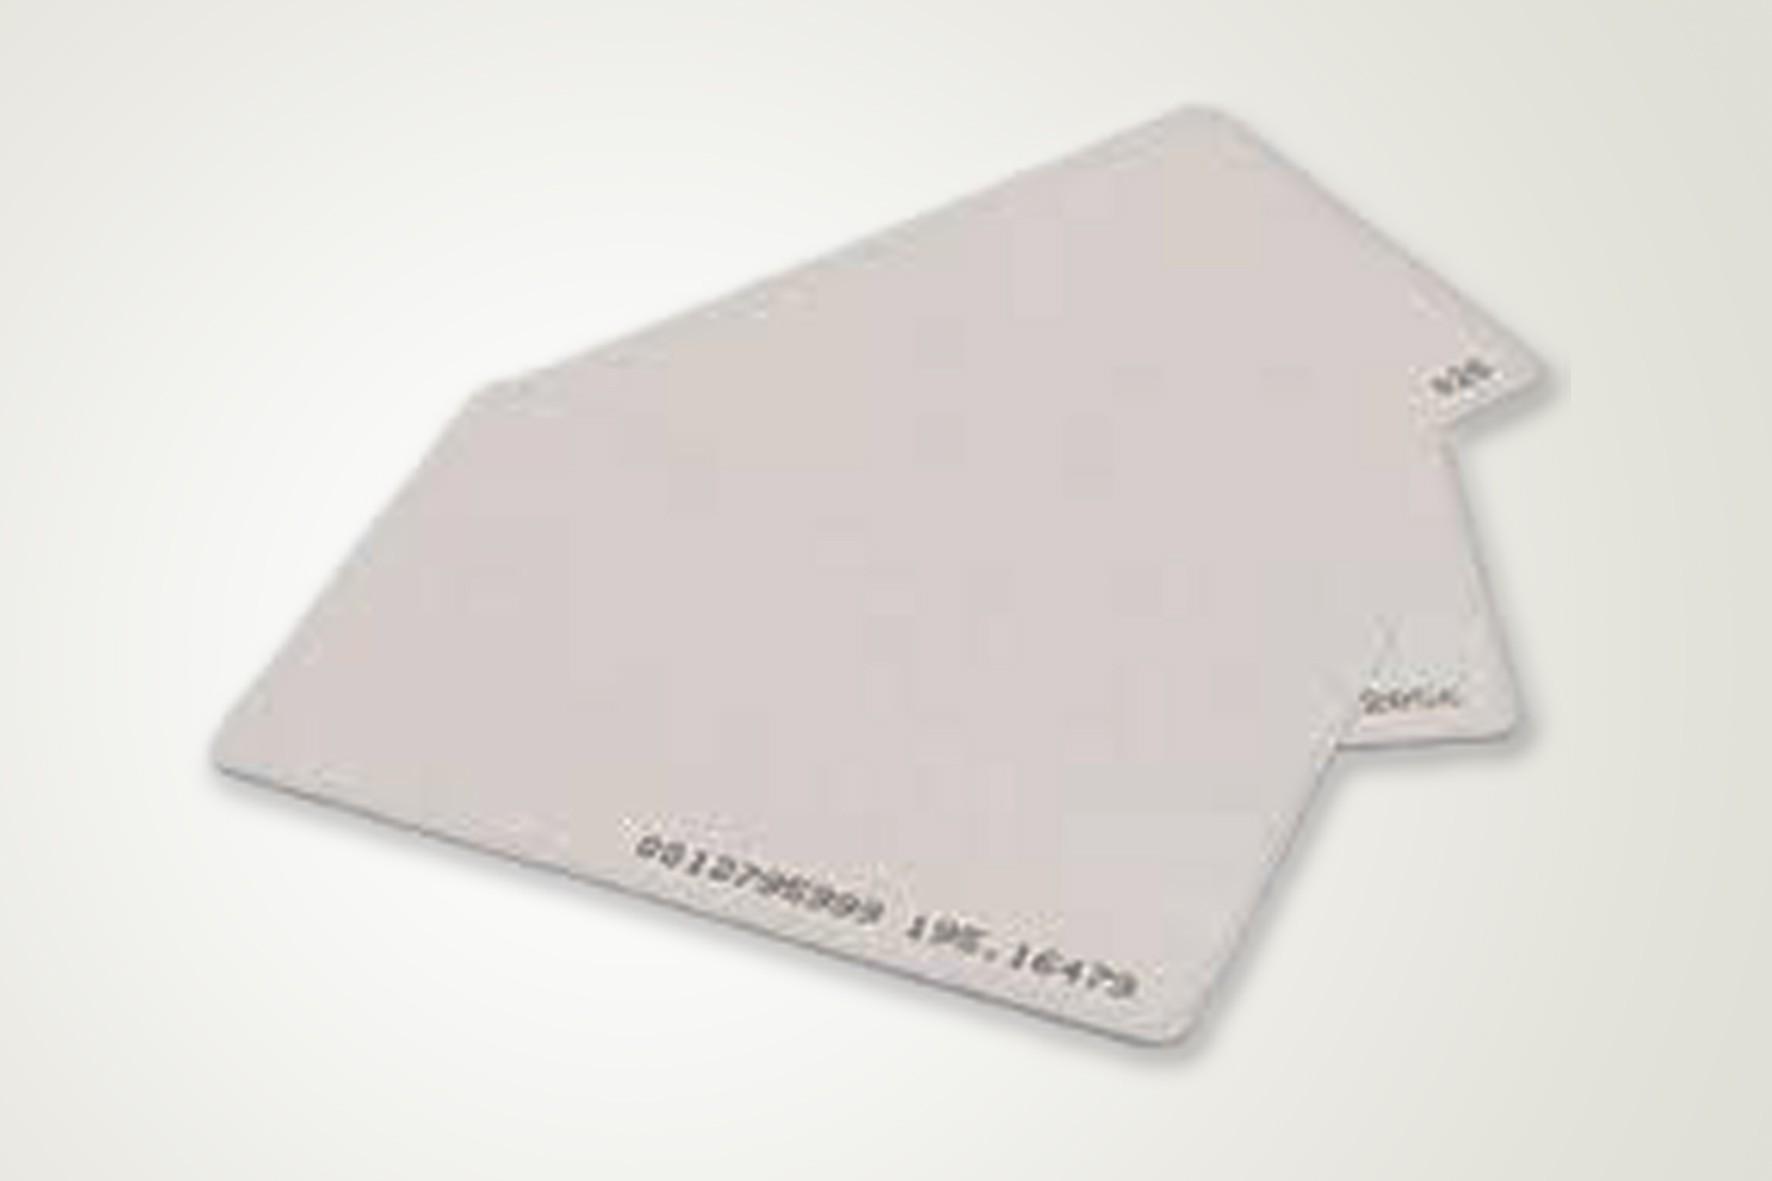 Cartões com Chip de Proximidade na Vila América - Crachá em PVC